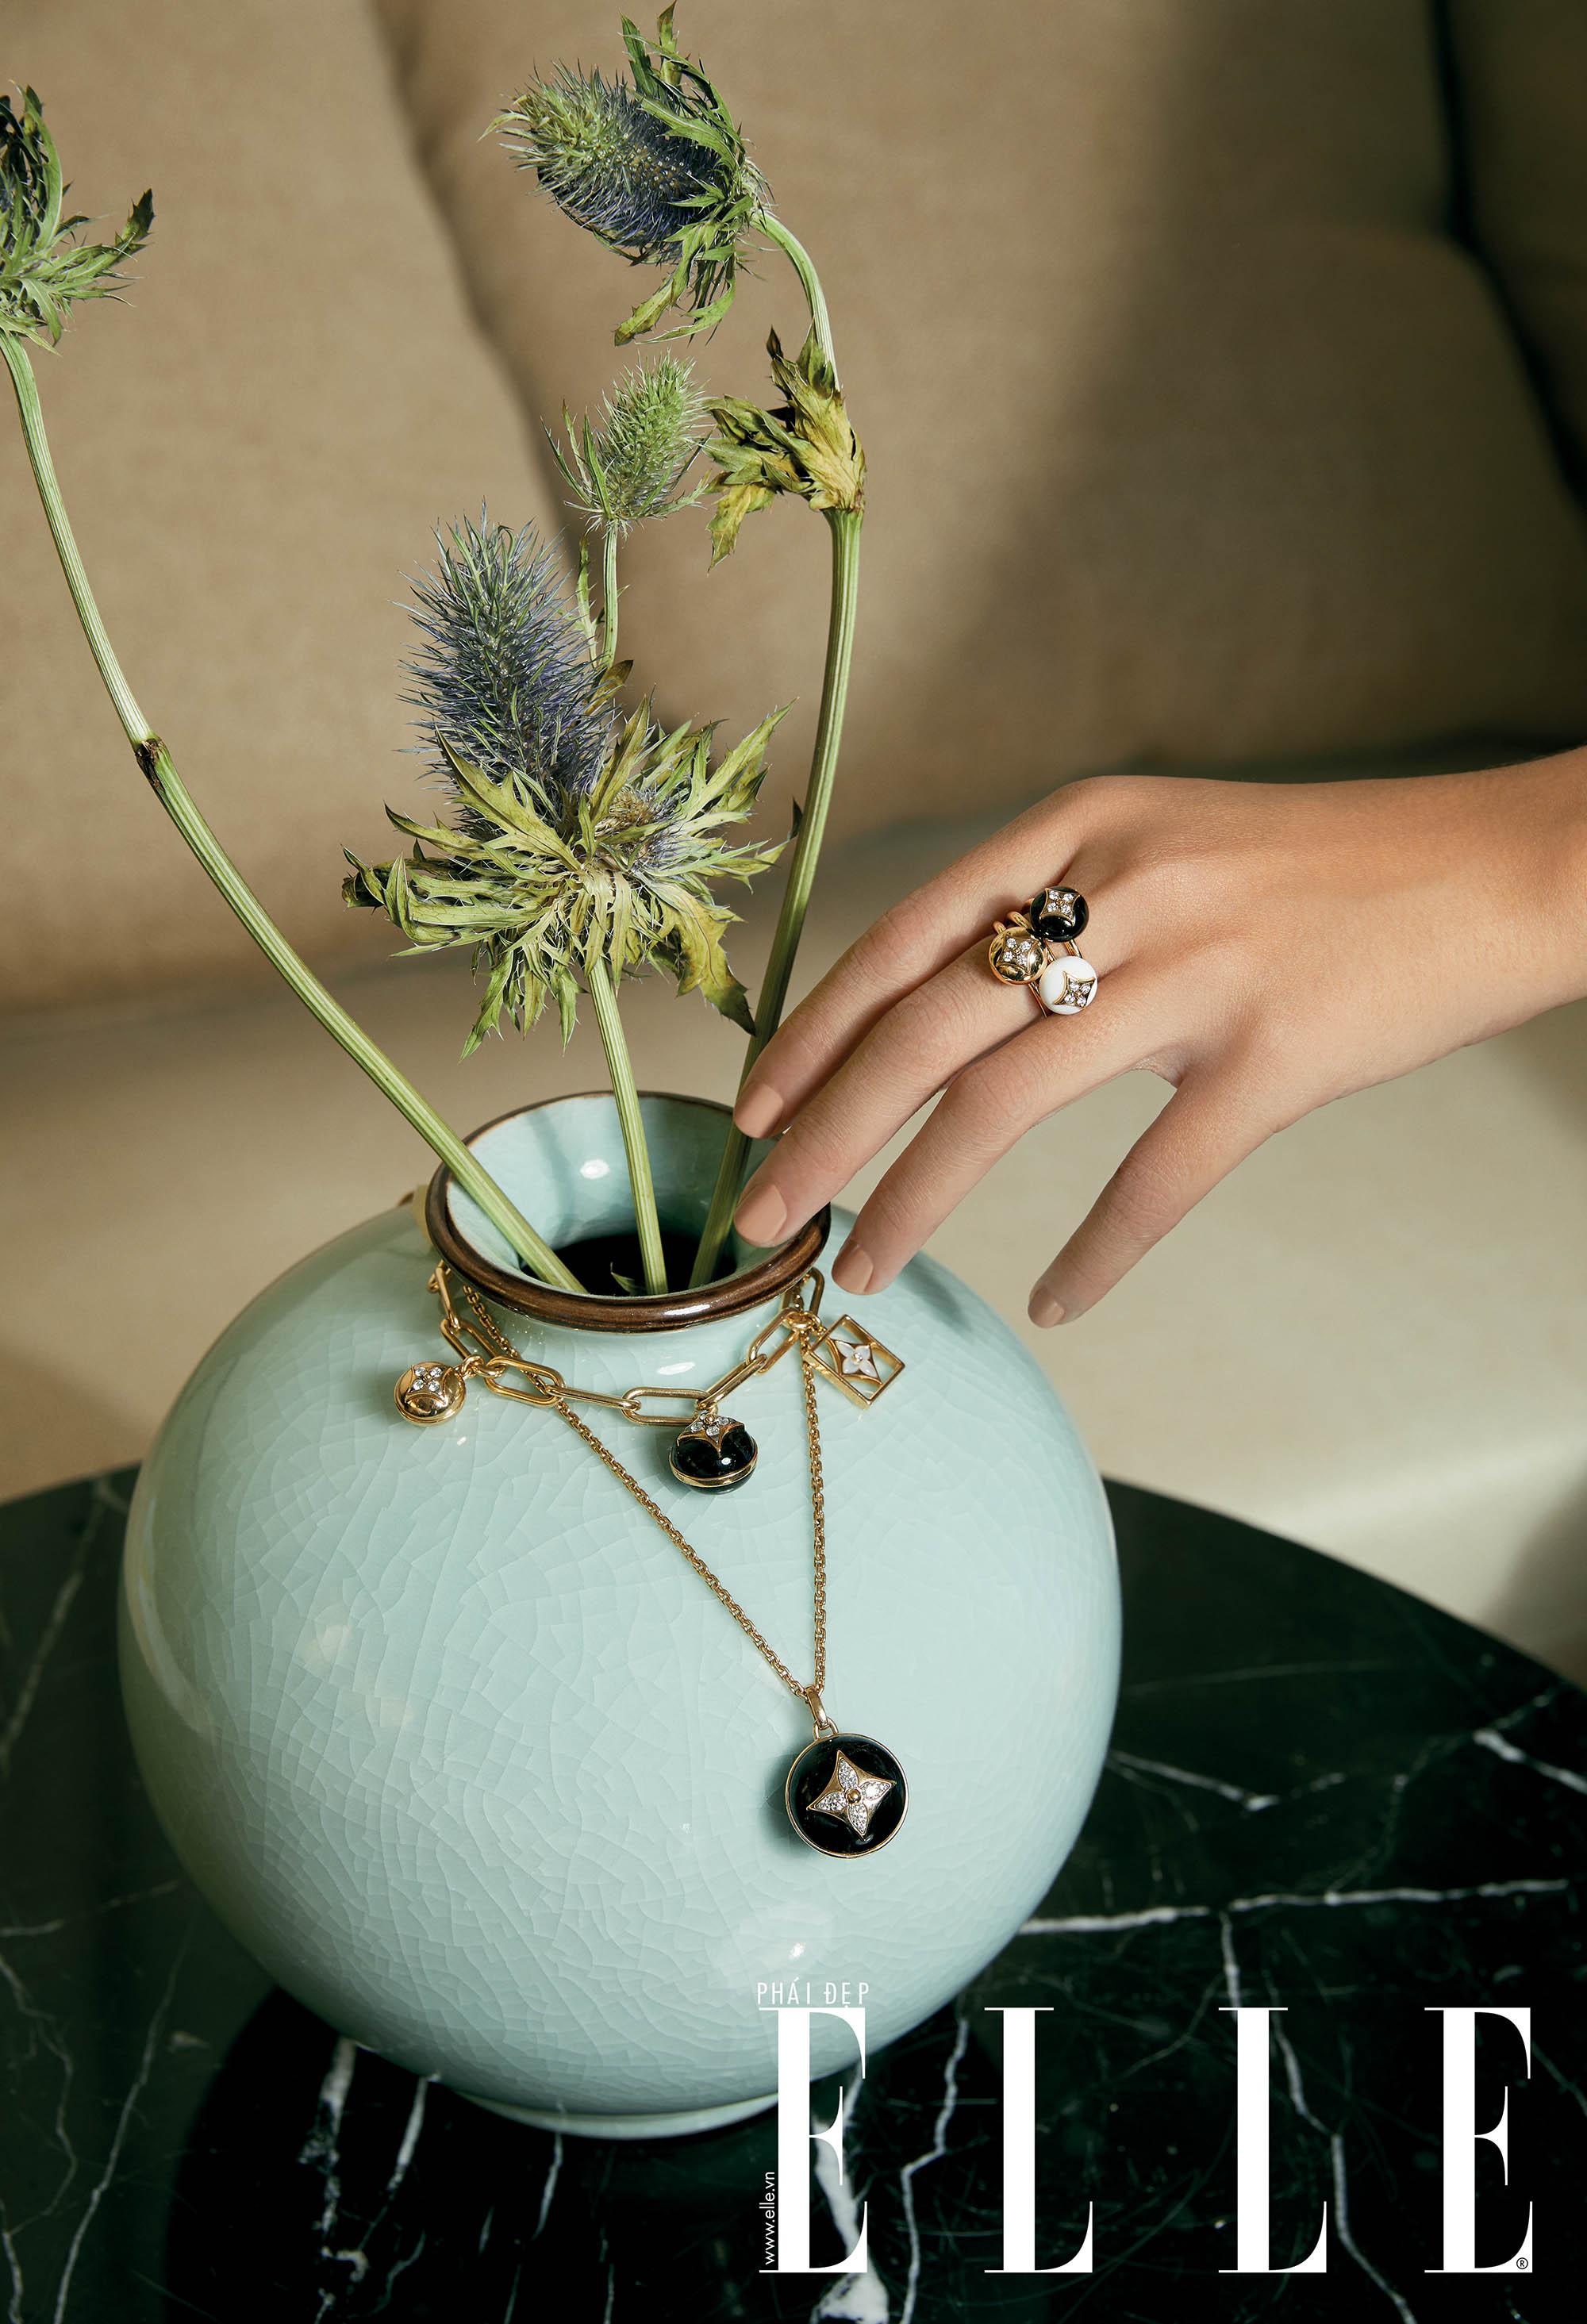 Nhẫn, vòng đeo tay, dây chuyền trong BST B. Blossom của Louis Vuitton